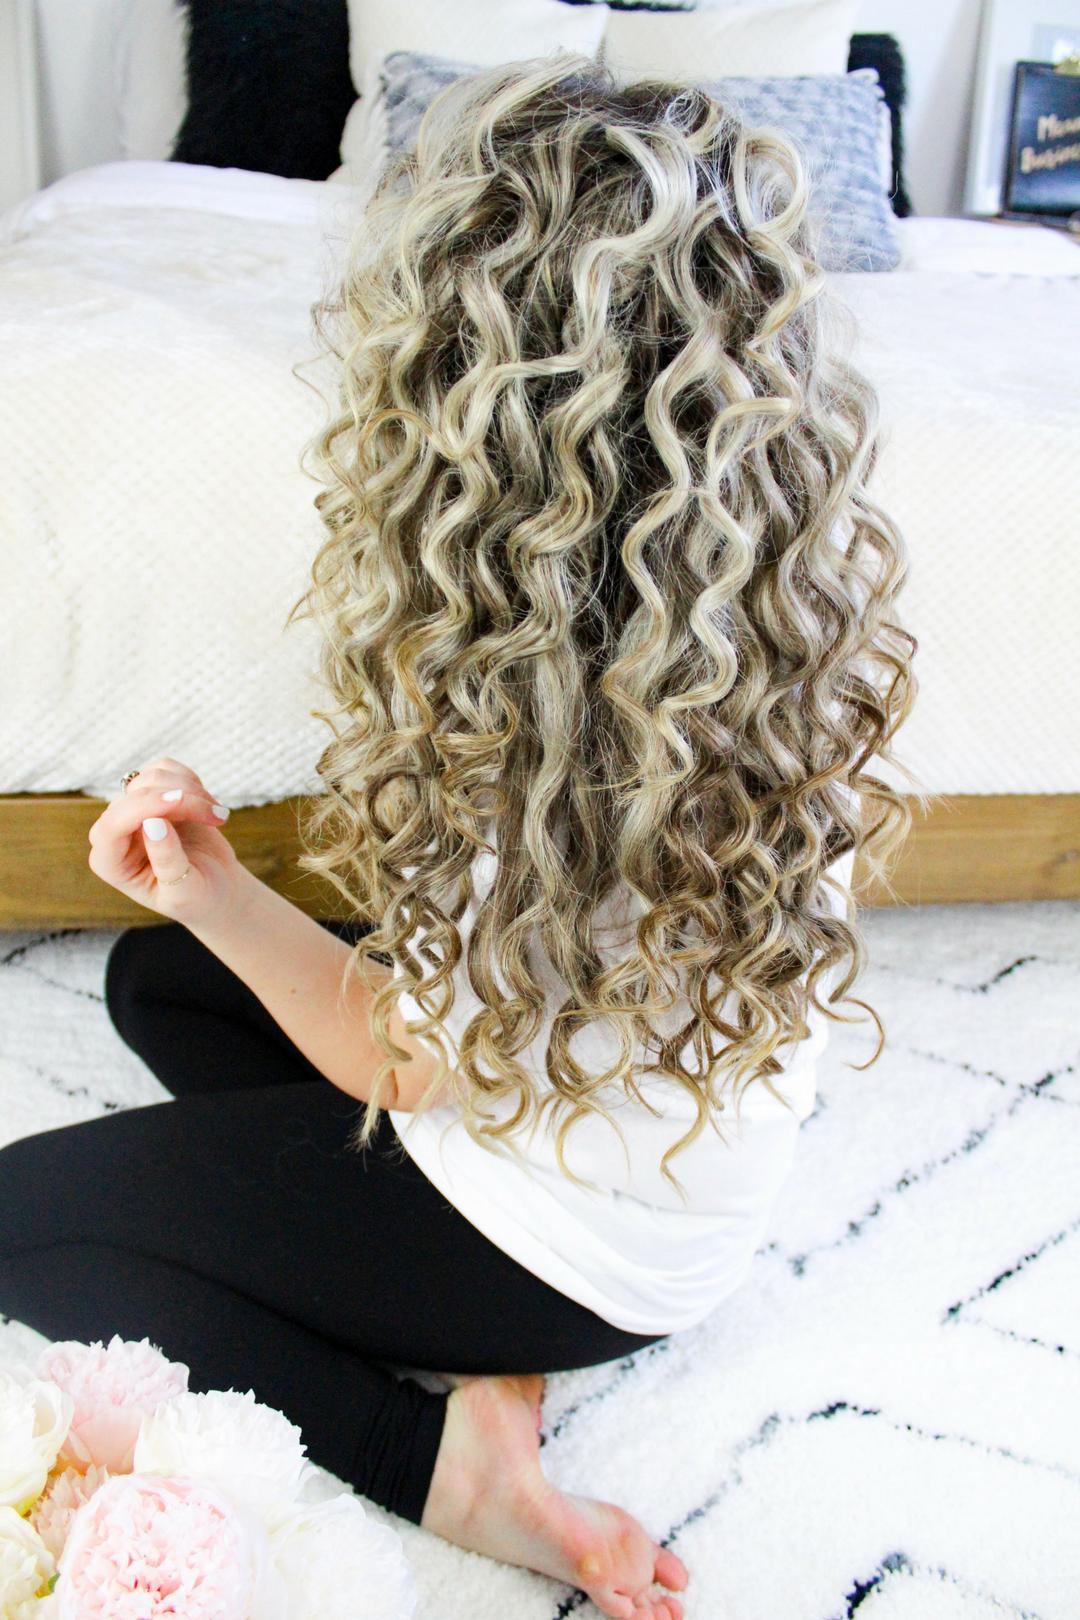 45+ Small tight curl perm ideas